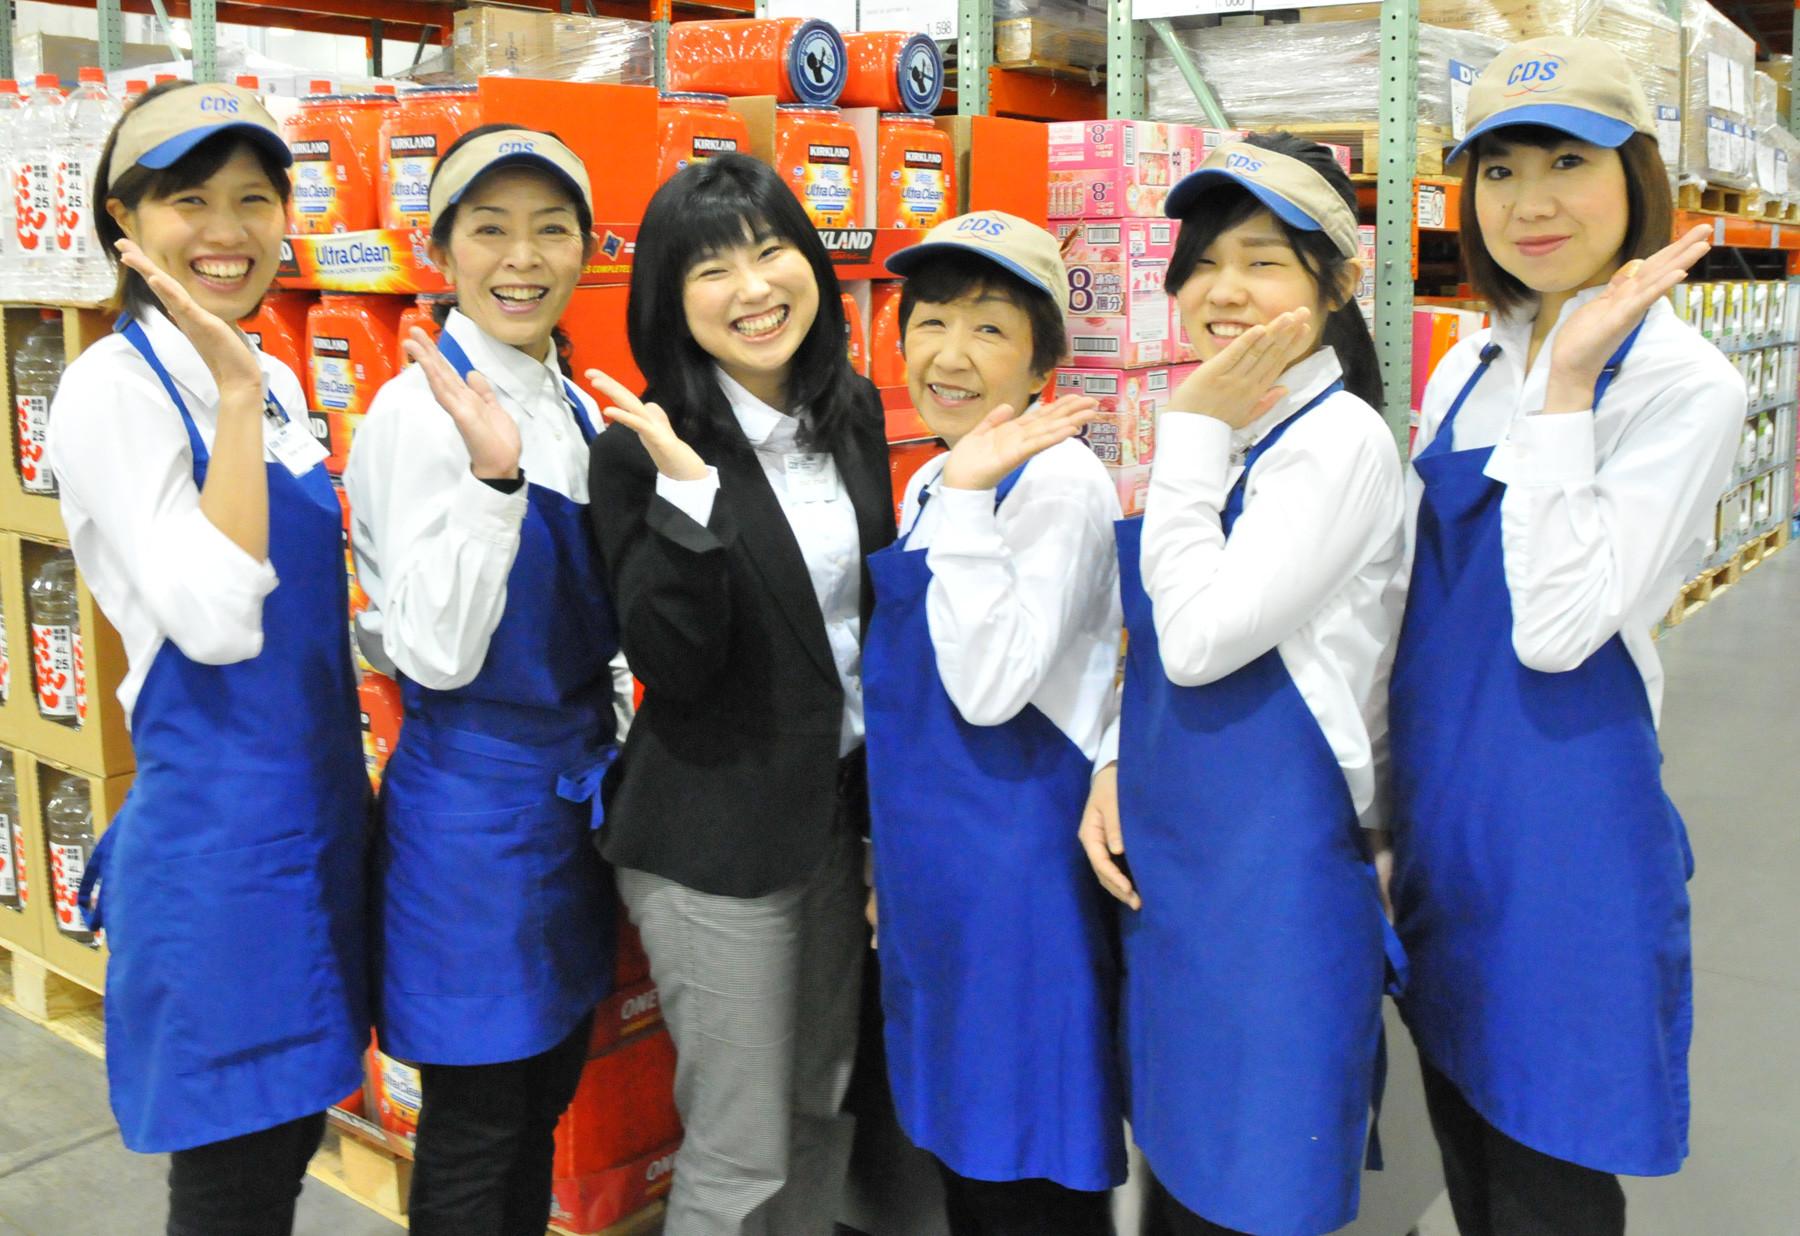 クラブ・デモンストレーション・サービシズ・インク コストコ射水倉庫店のアルバイト情報